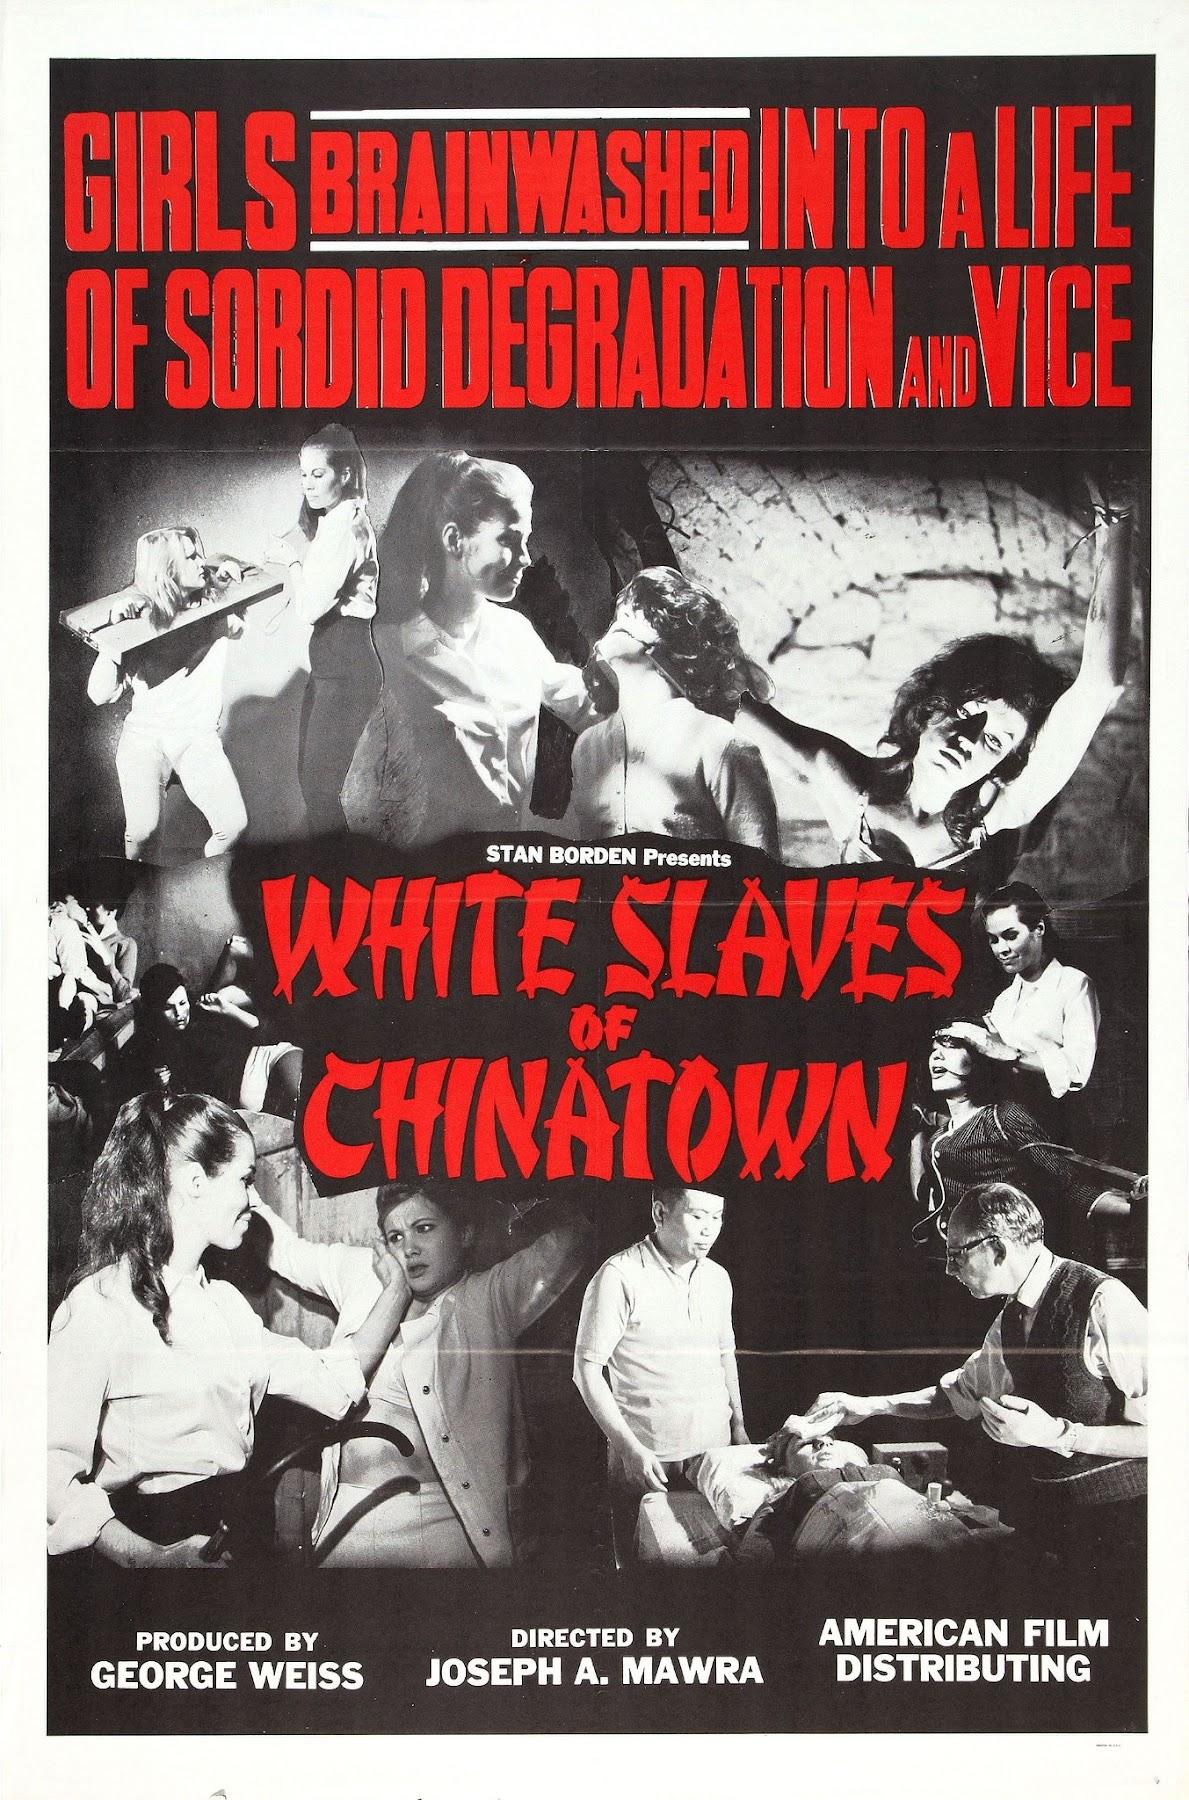 http://1.bp.blogspot.com/-RrfYRJK-vxk/UXD7z70-3QI/AAAAAAAAr6A/GqUewWx0RVc/s1800/white_slaves_on_chinatown_poster_01.jpg